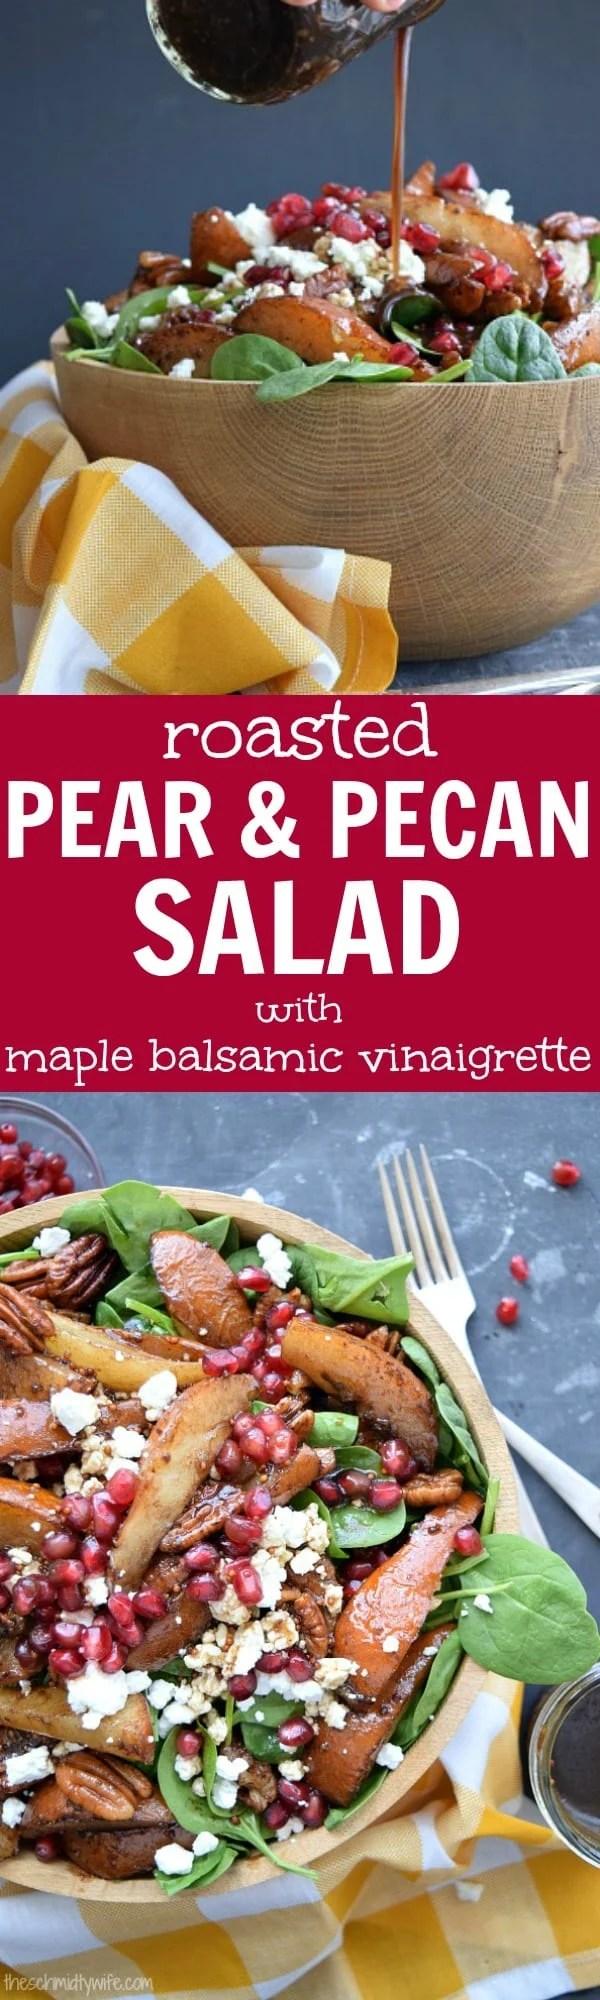 Roasted Pear Pecan Salad